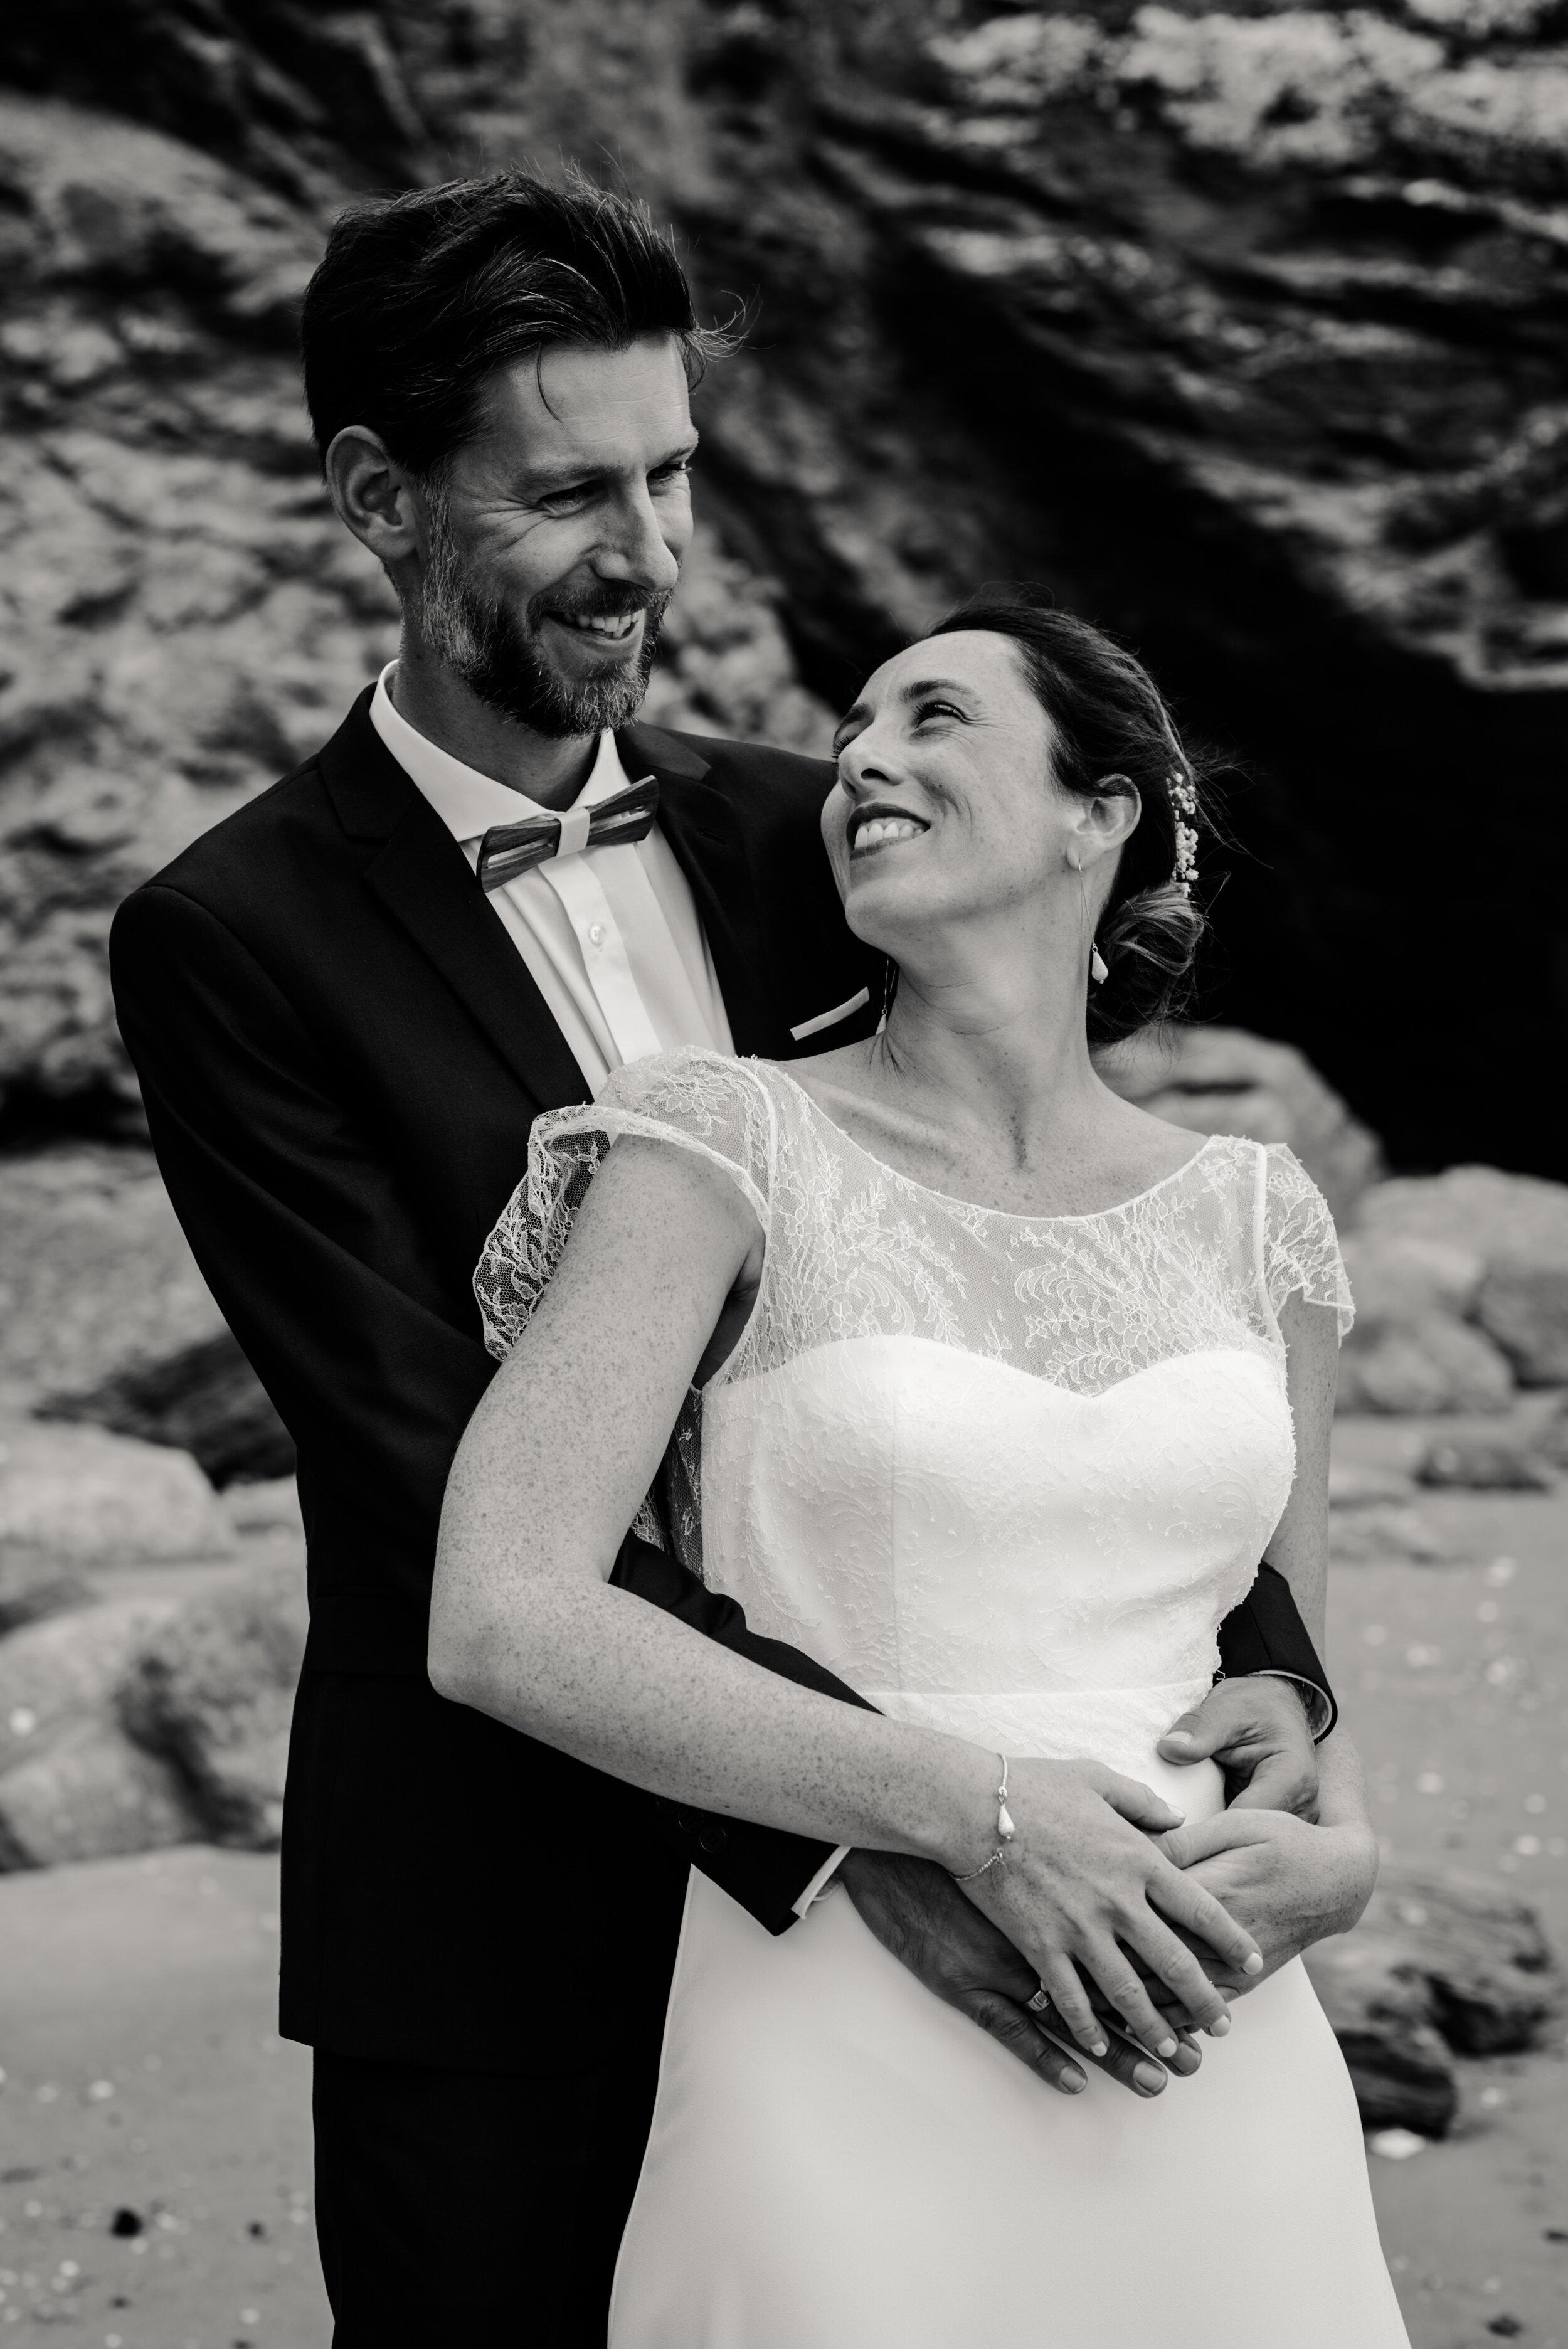 Léa-Fery-photographe-professionnel-Bretagne-portrait-creation-mariage-evenement-evenementiel-famille-1466.jpg